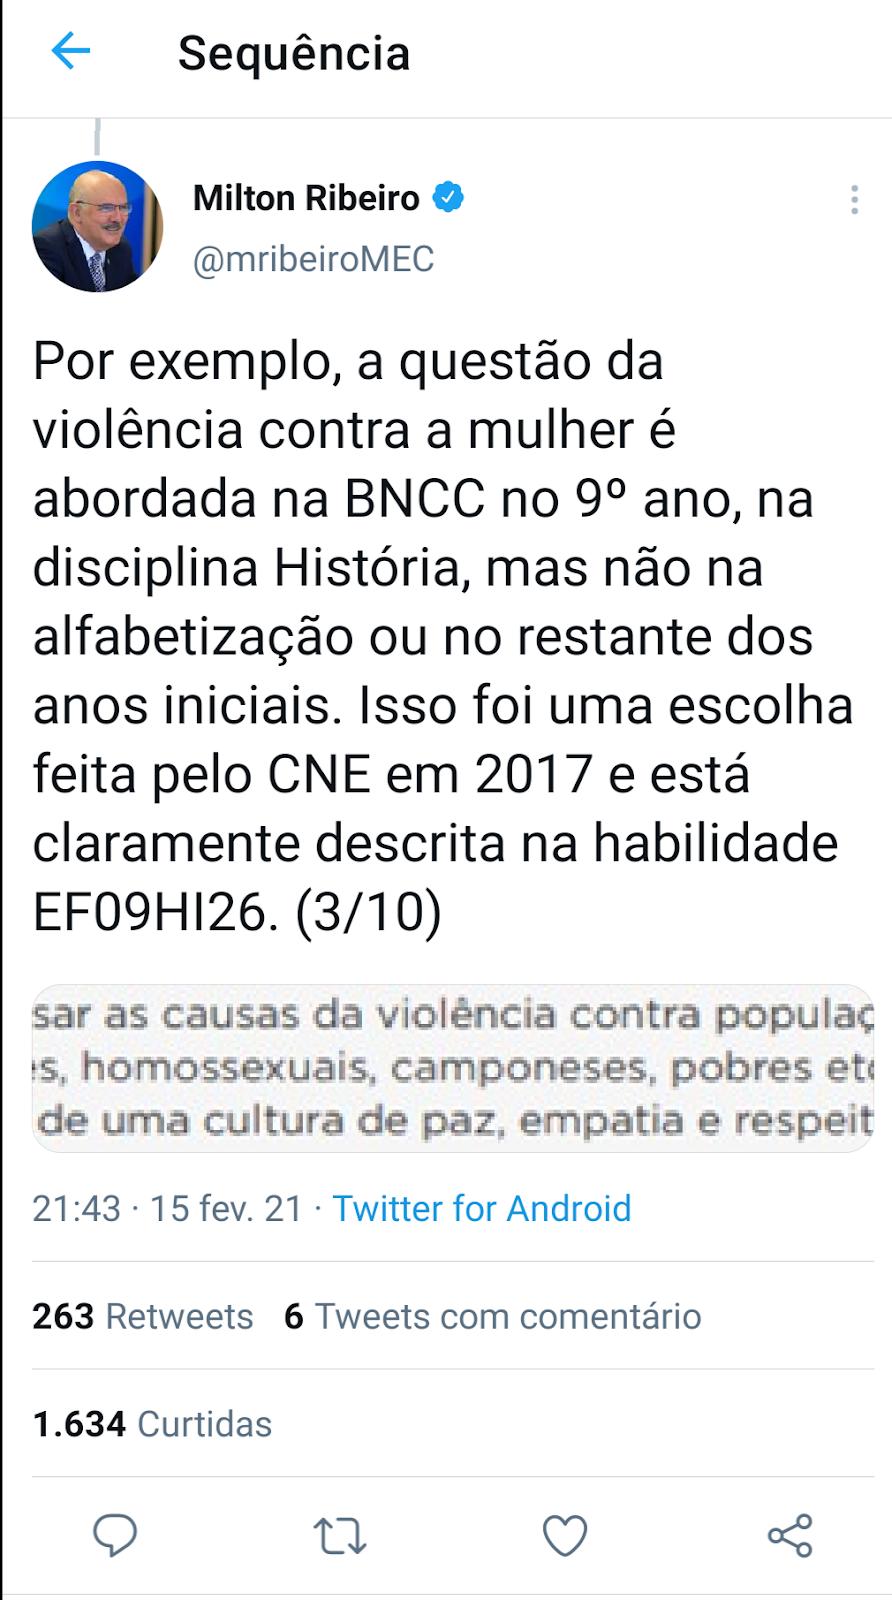 Reprodução do Twitter do Ministro Milton Ribeiro.